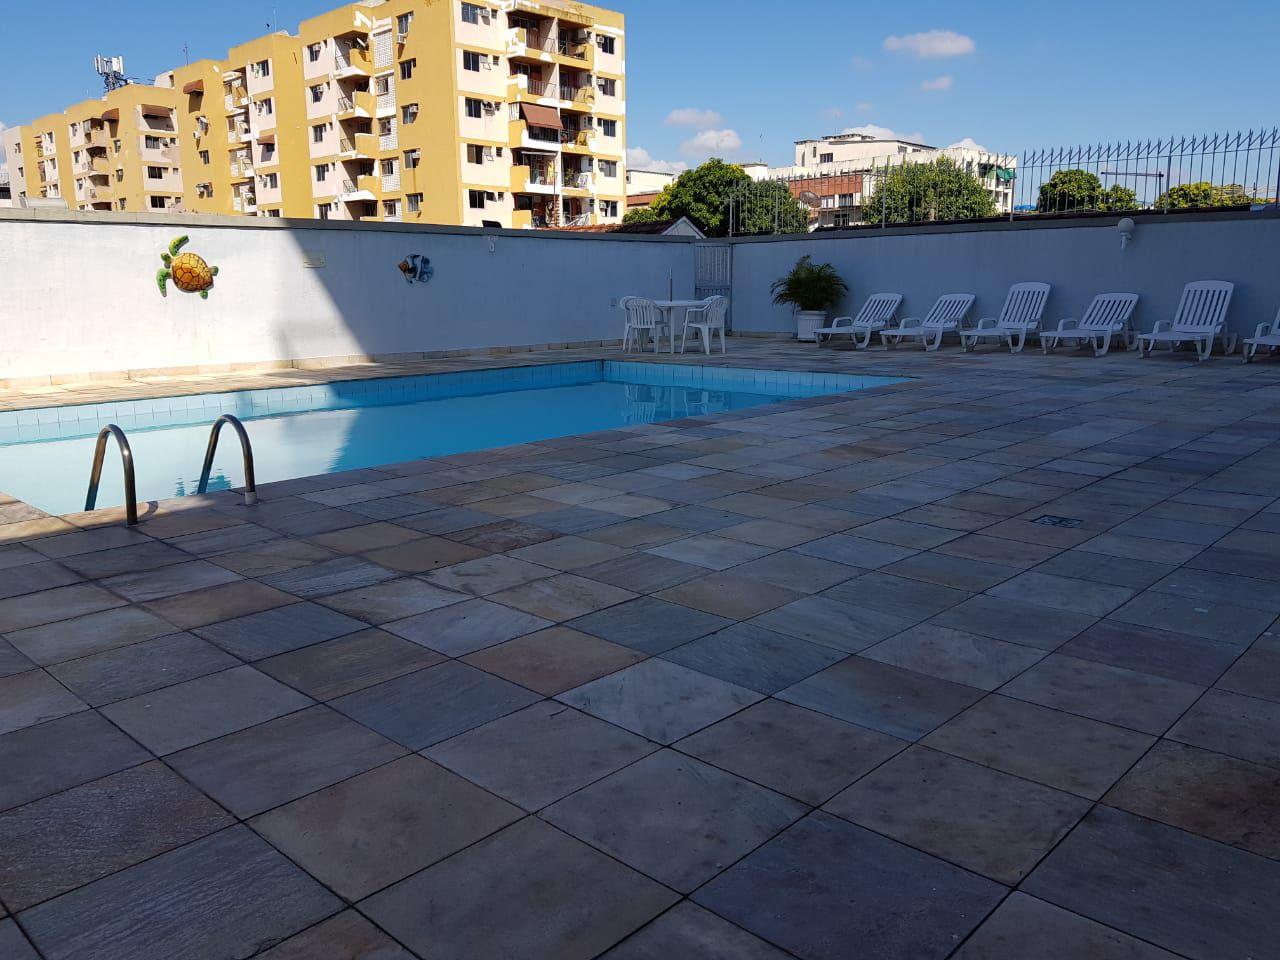 FOTO 24 - Apartamento à venda Rua Ana Teles,Campinho, Rio de Janeiro - R$ 350.000 - RF199 - 25